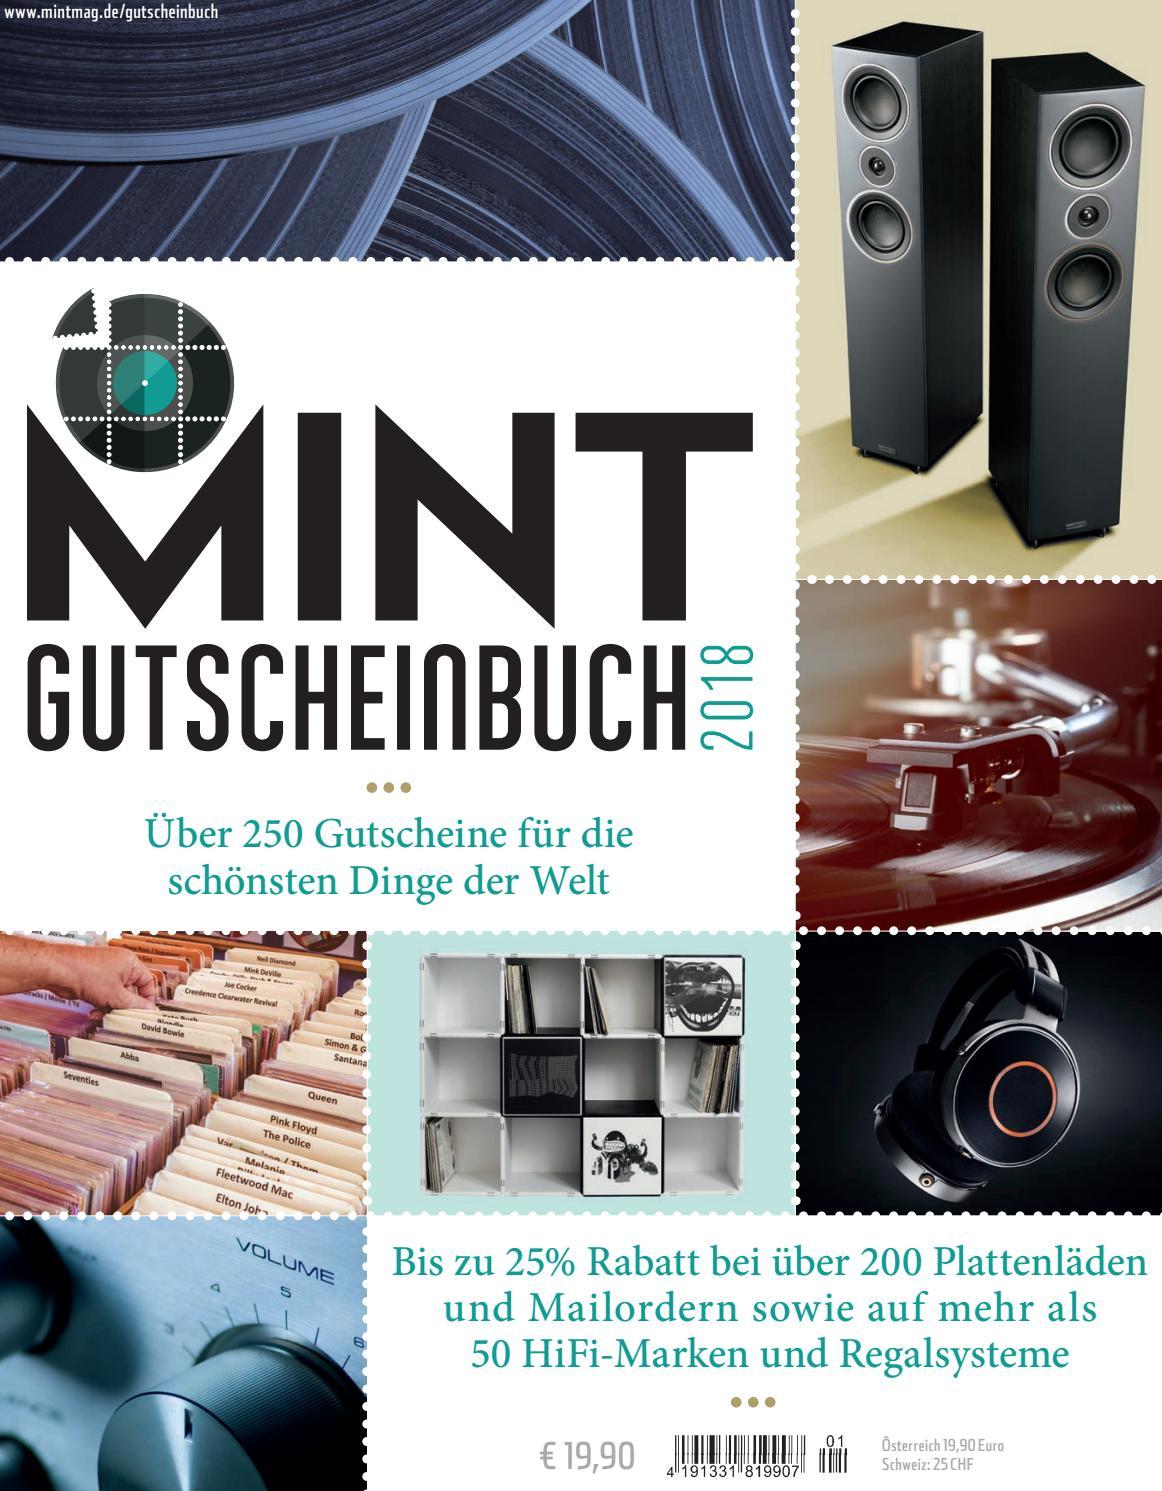 MINT Gutscheinbuch 2018 by MINT Magazin - issuu